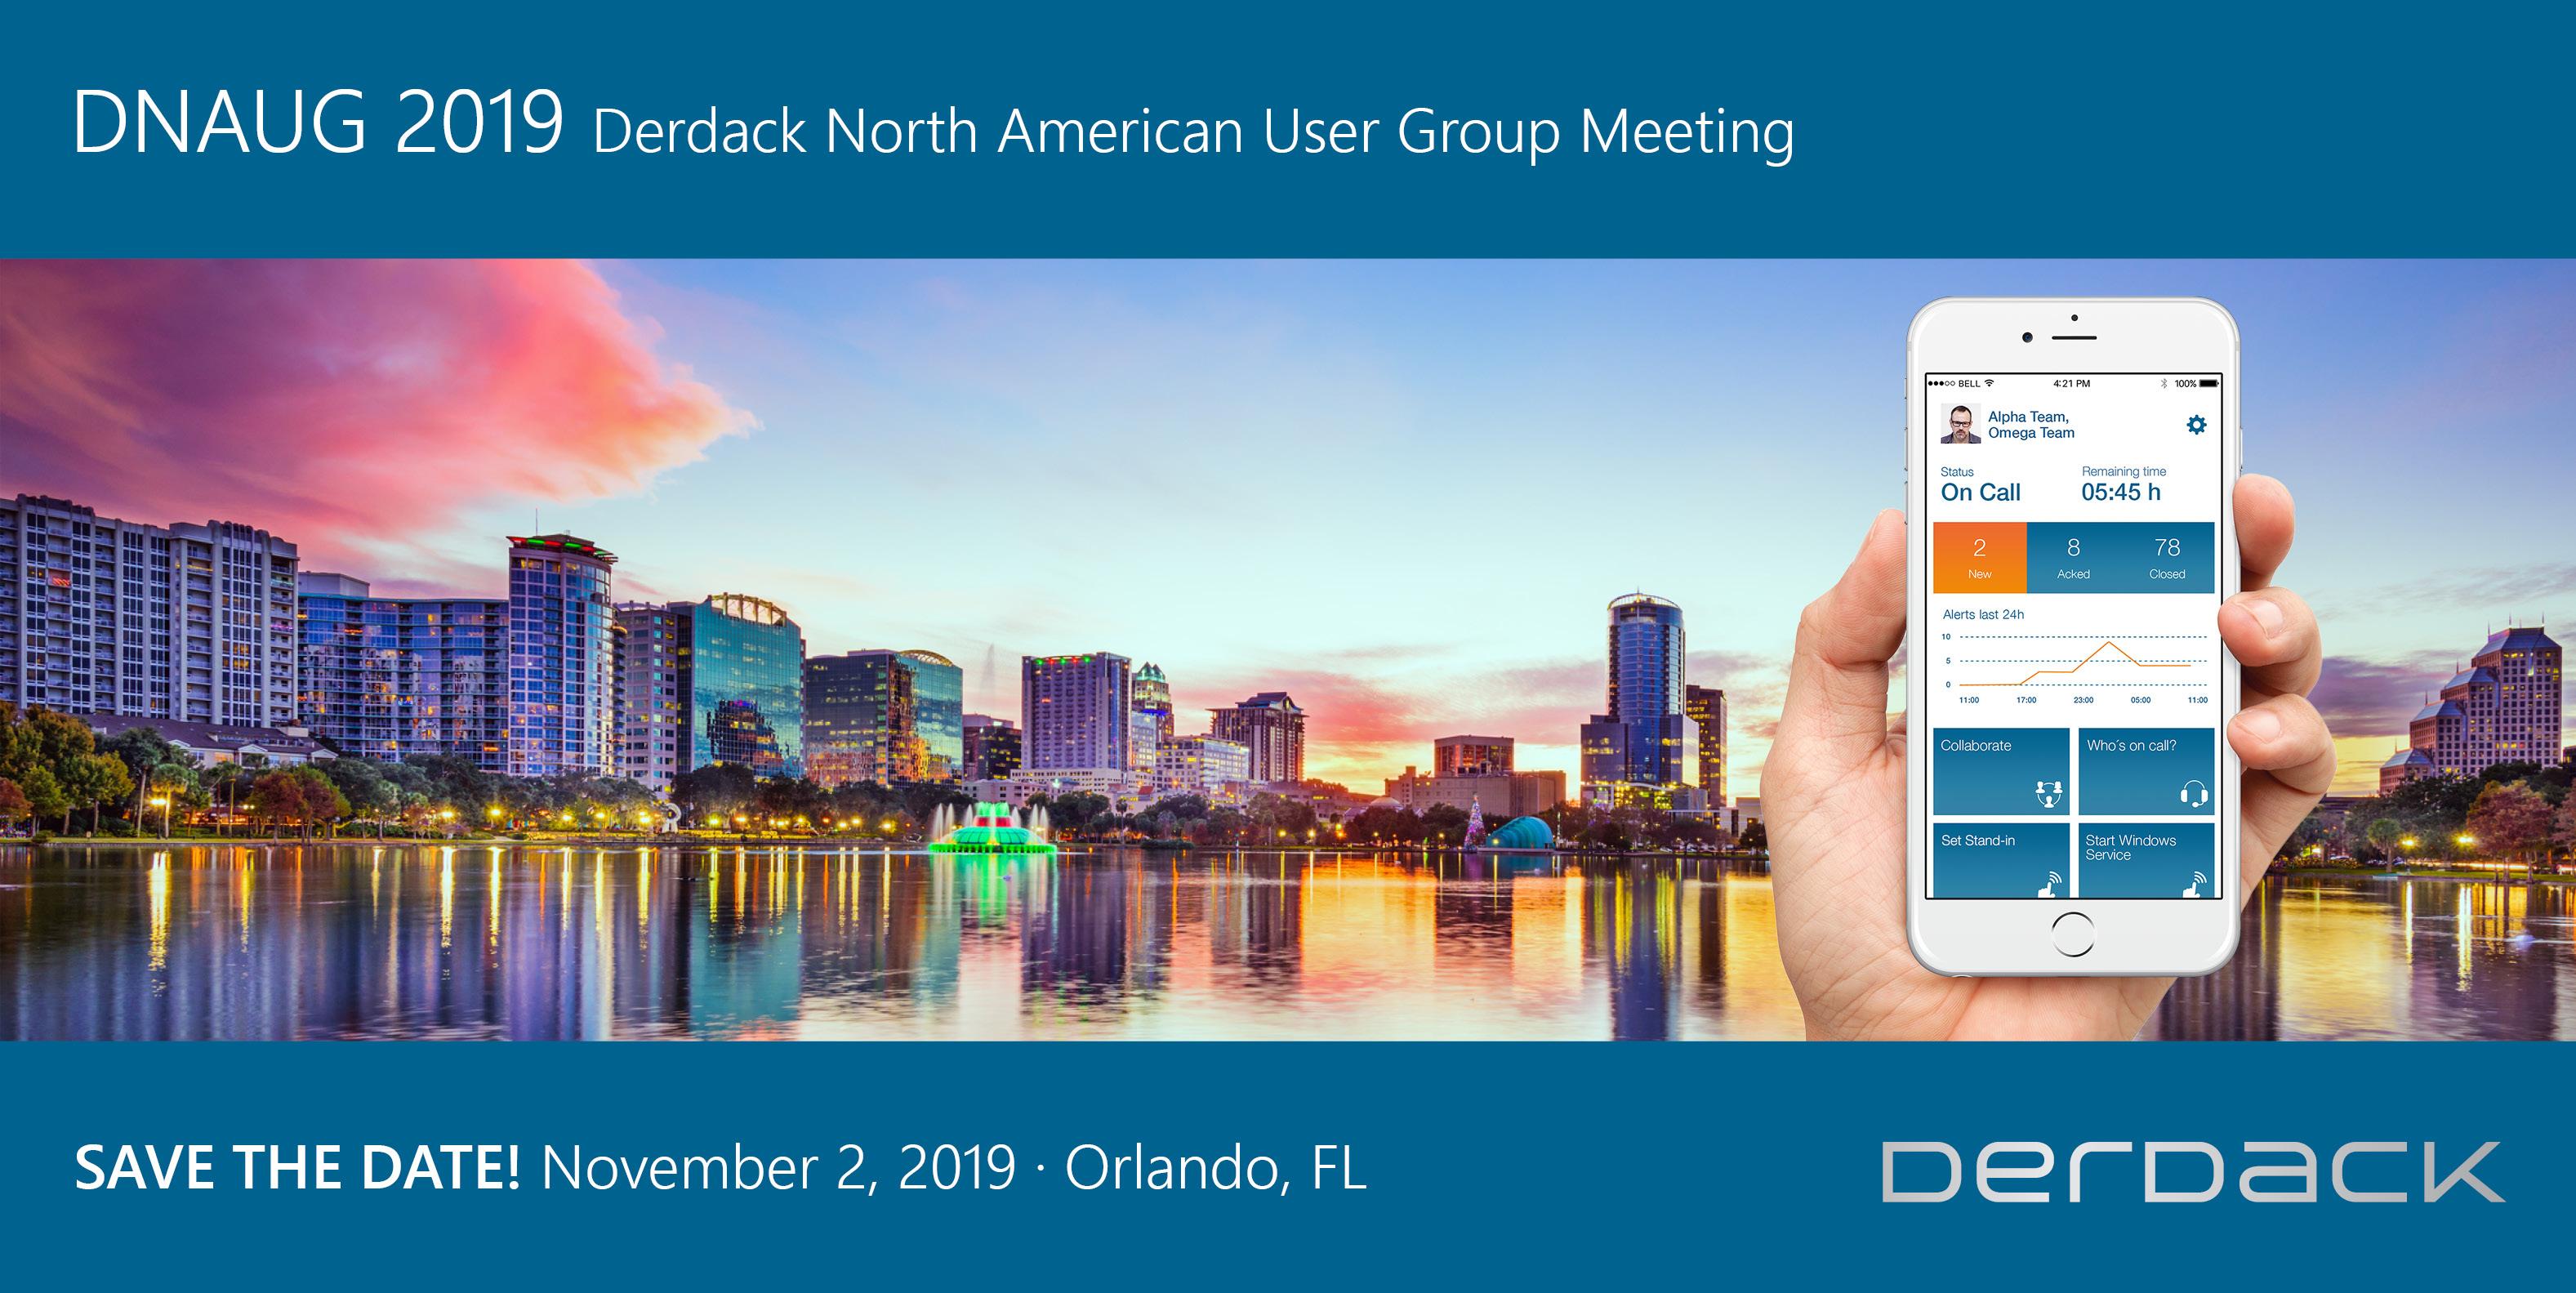 Derdack Nordamerikanisches User Group Meeting 2019 (DNAUG)